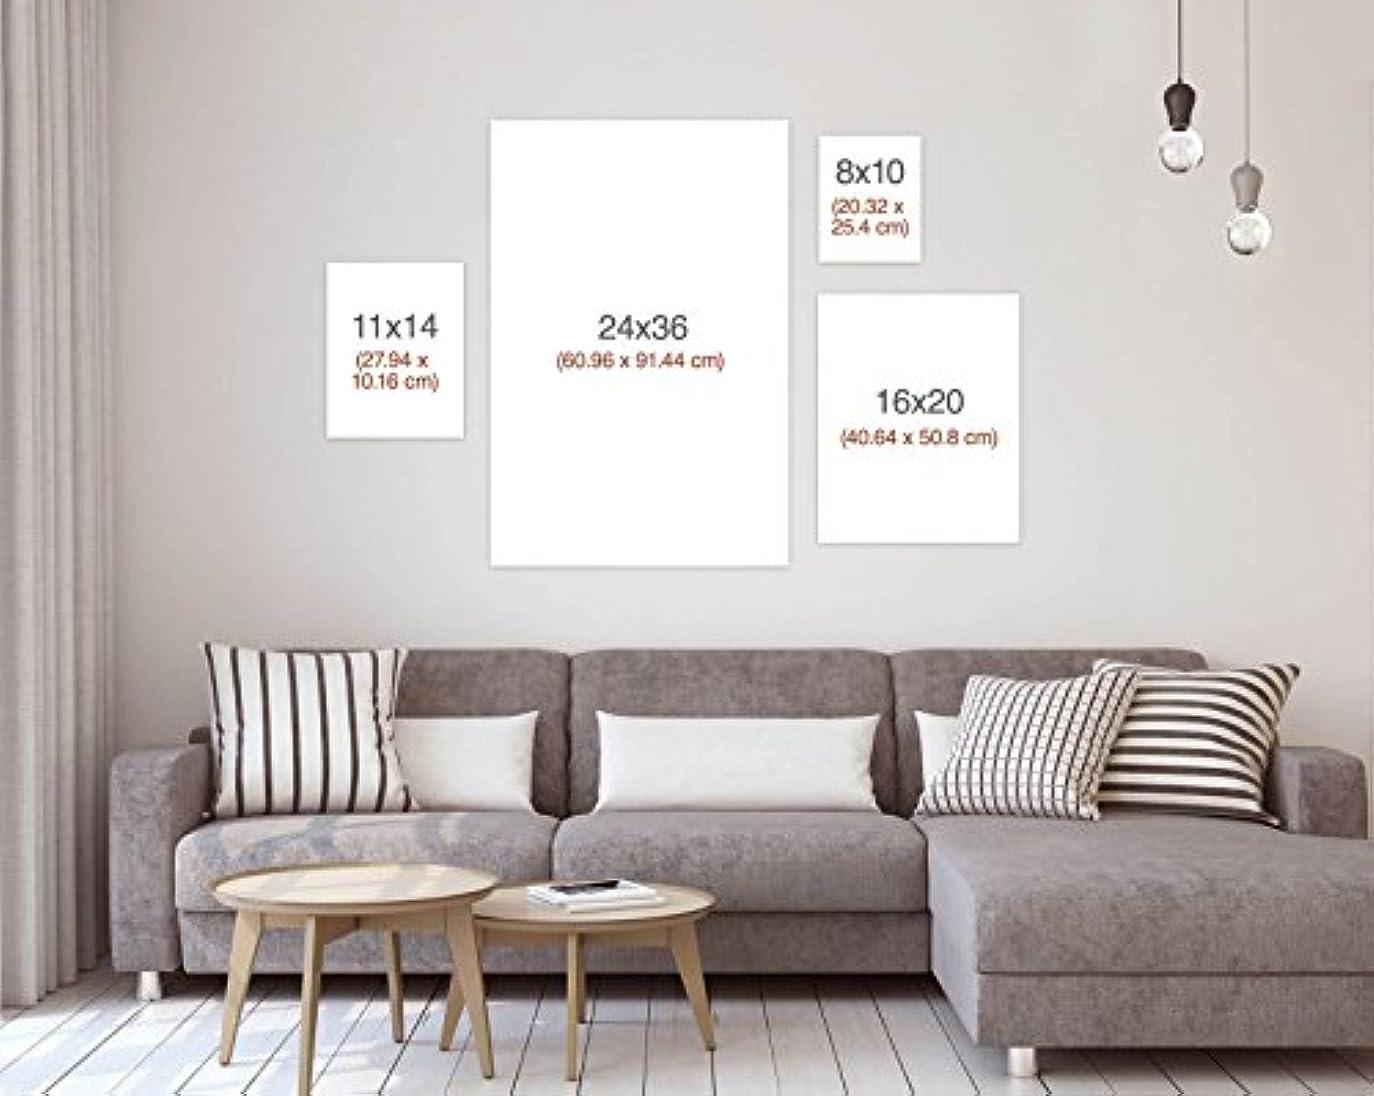 不公平提供振るうWestlakeアート美しいBrunette – キャンバス印刷ウォールアート – ギャラリーラップ伸縮キャンバス現代画像写真アートワーク – Ready To Hangインチ 16x20 in ホワイト